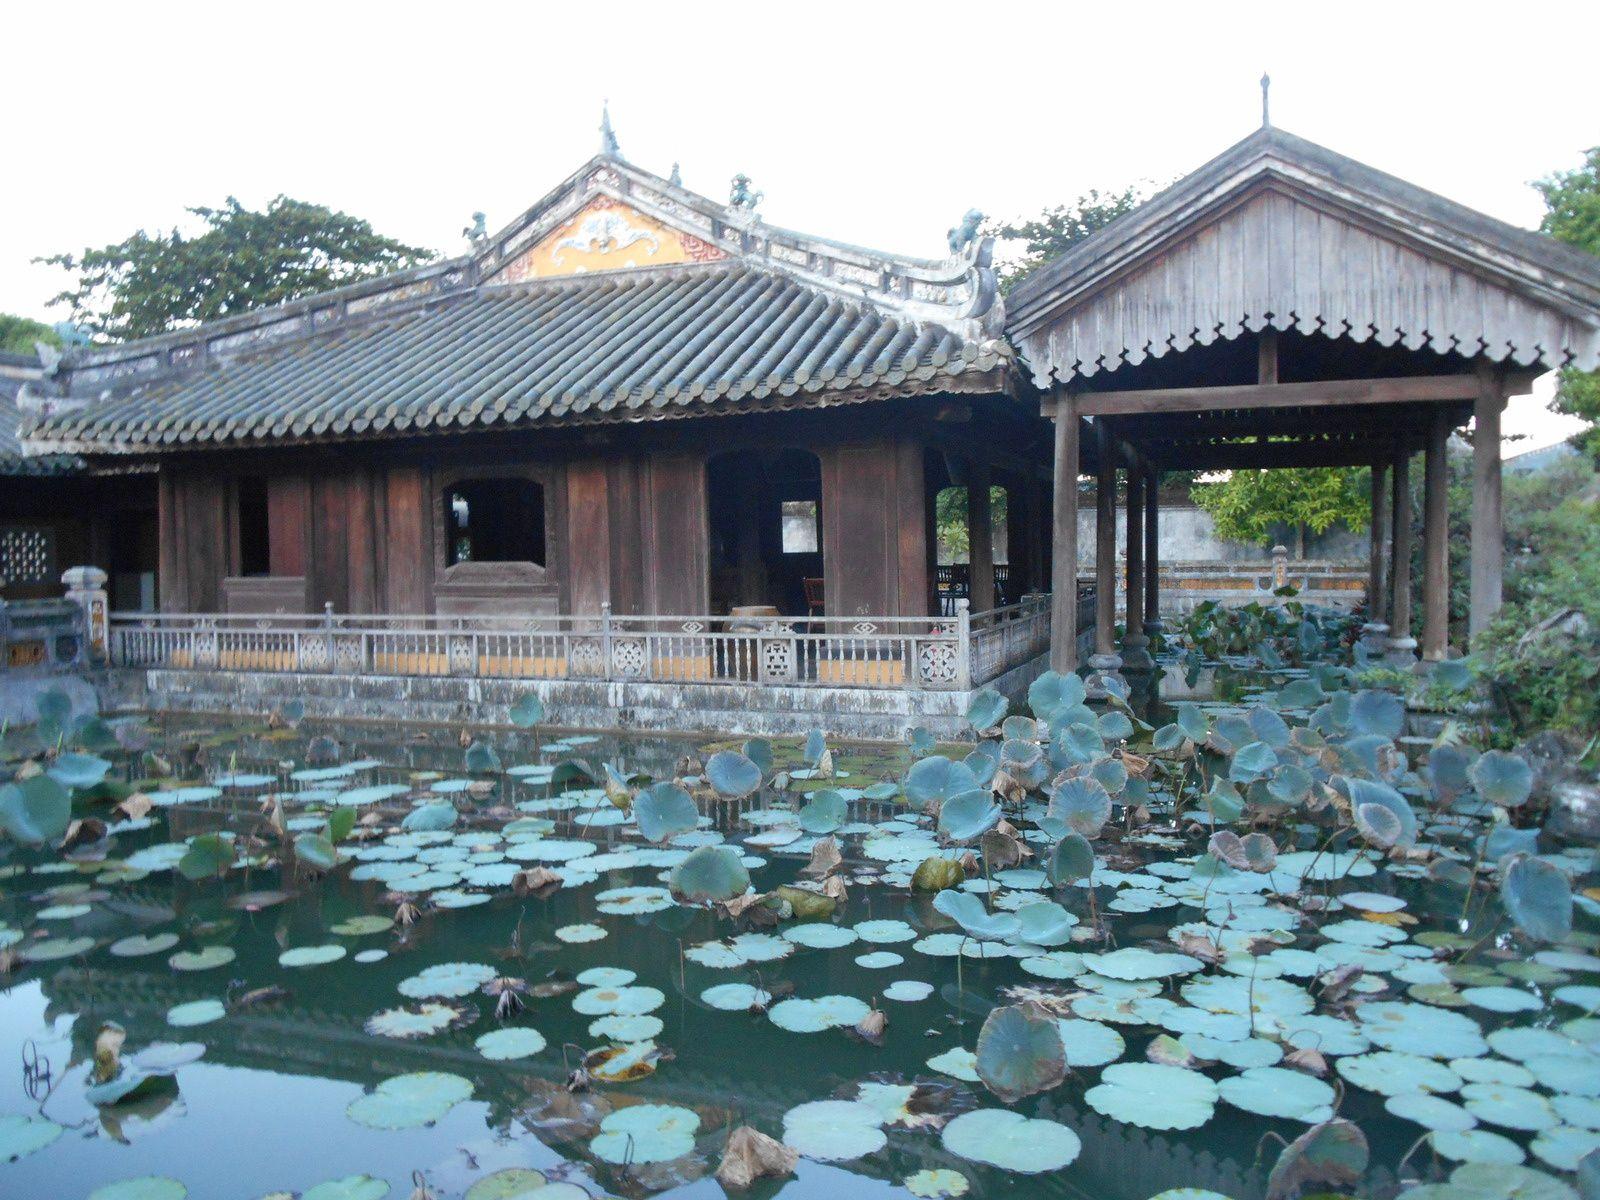 Joli jardin arboré et bassin précèdant le pavillon de lecture.